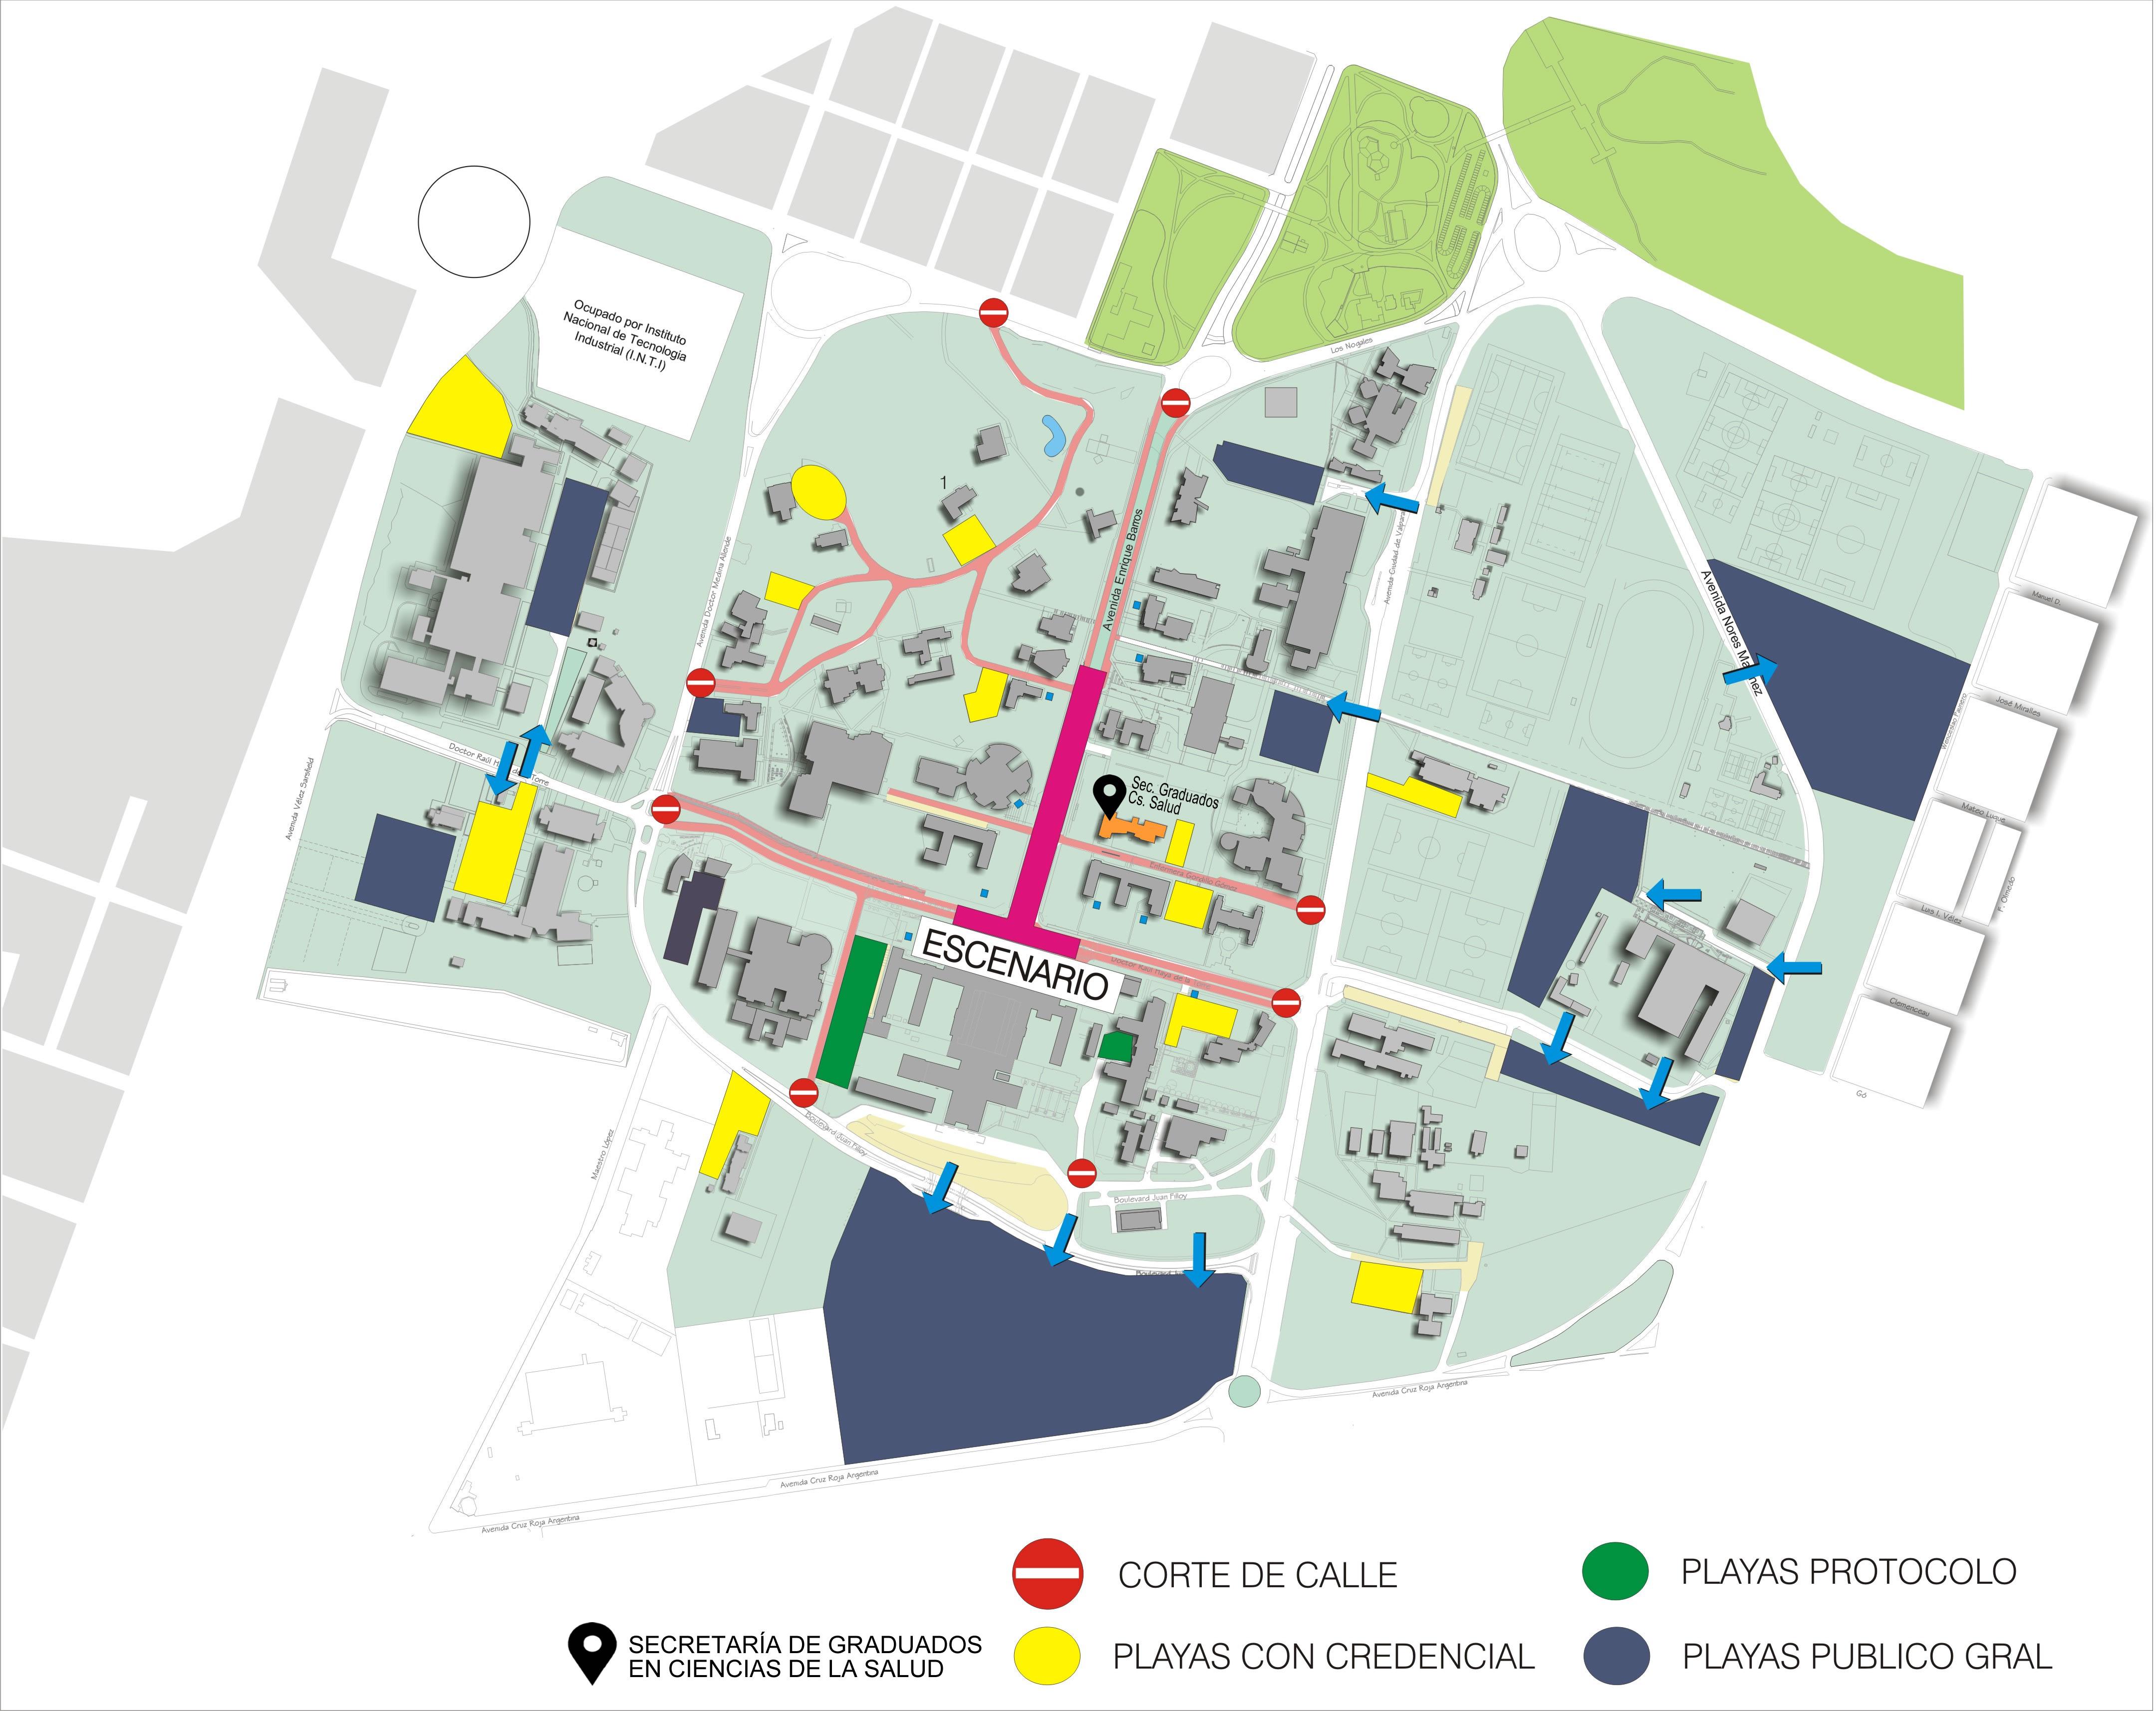 Playas con credencial (color amarillo): para  personal docente y nodocente que posee credencial de acceso al estacionamiento.